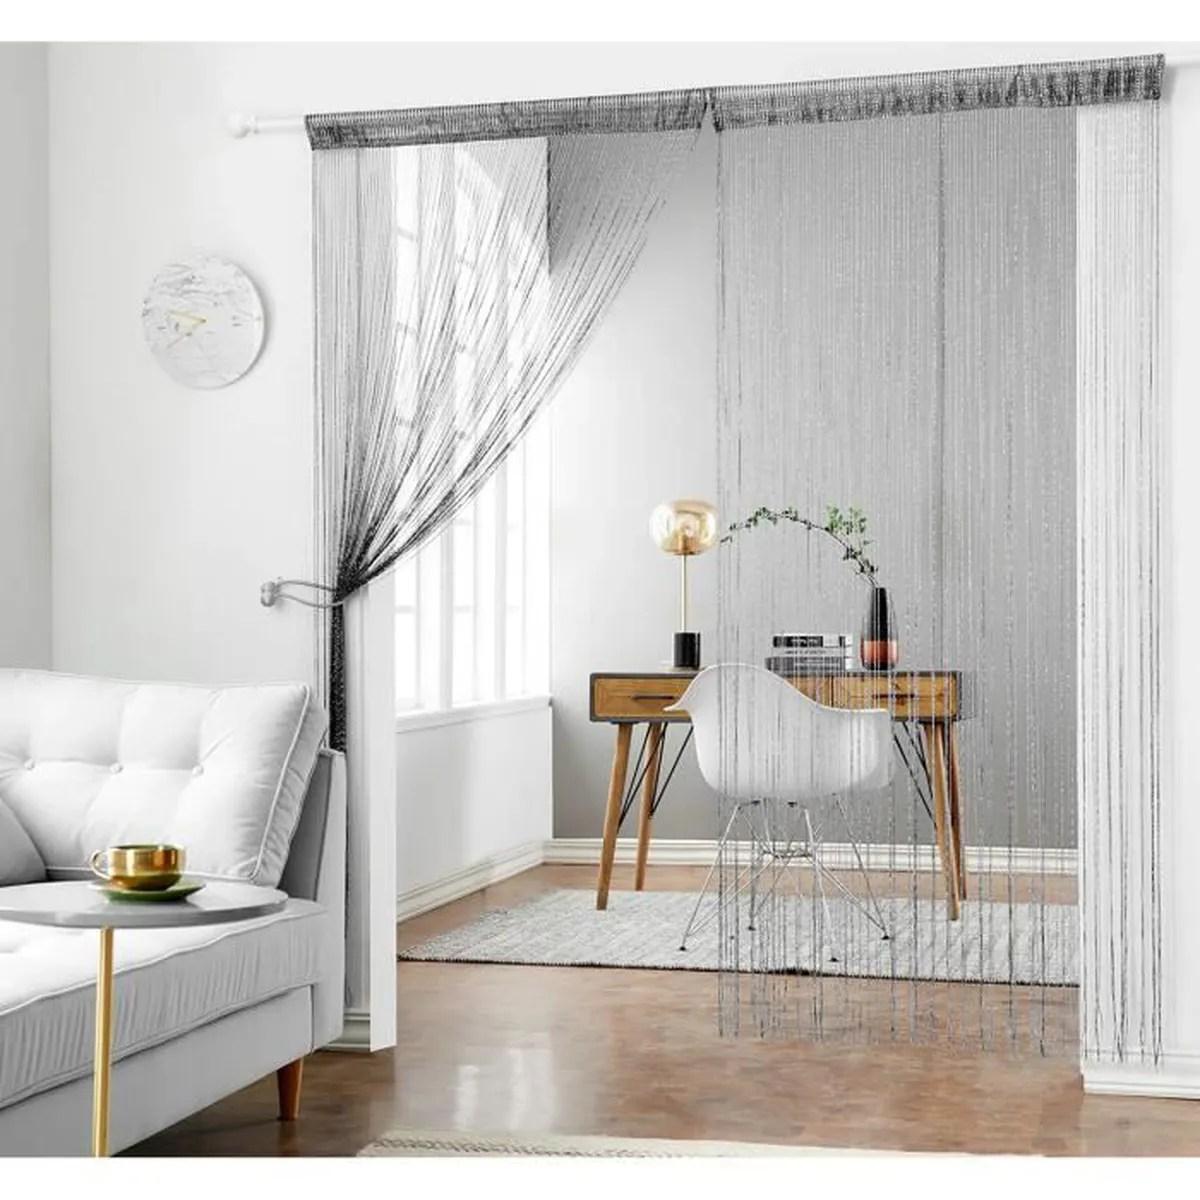 hsylym rideau de fil decoration pour fenetres ou portes 35inx79in noir